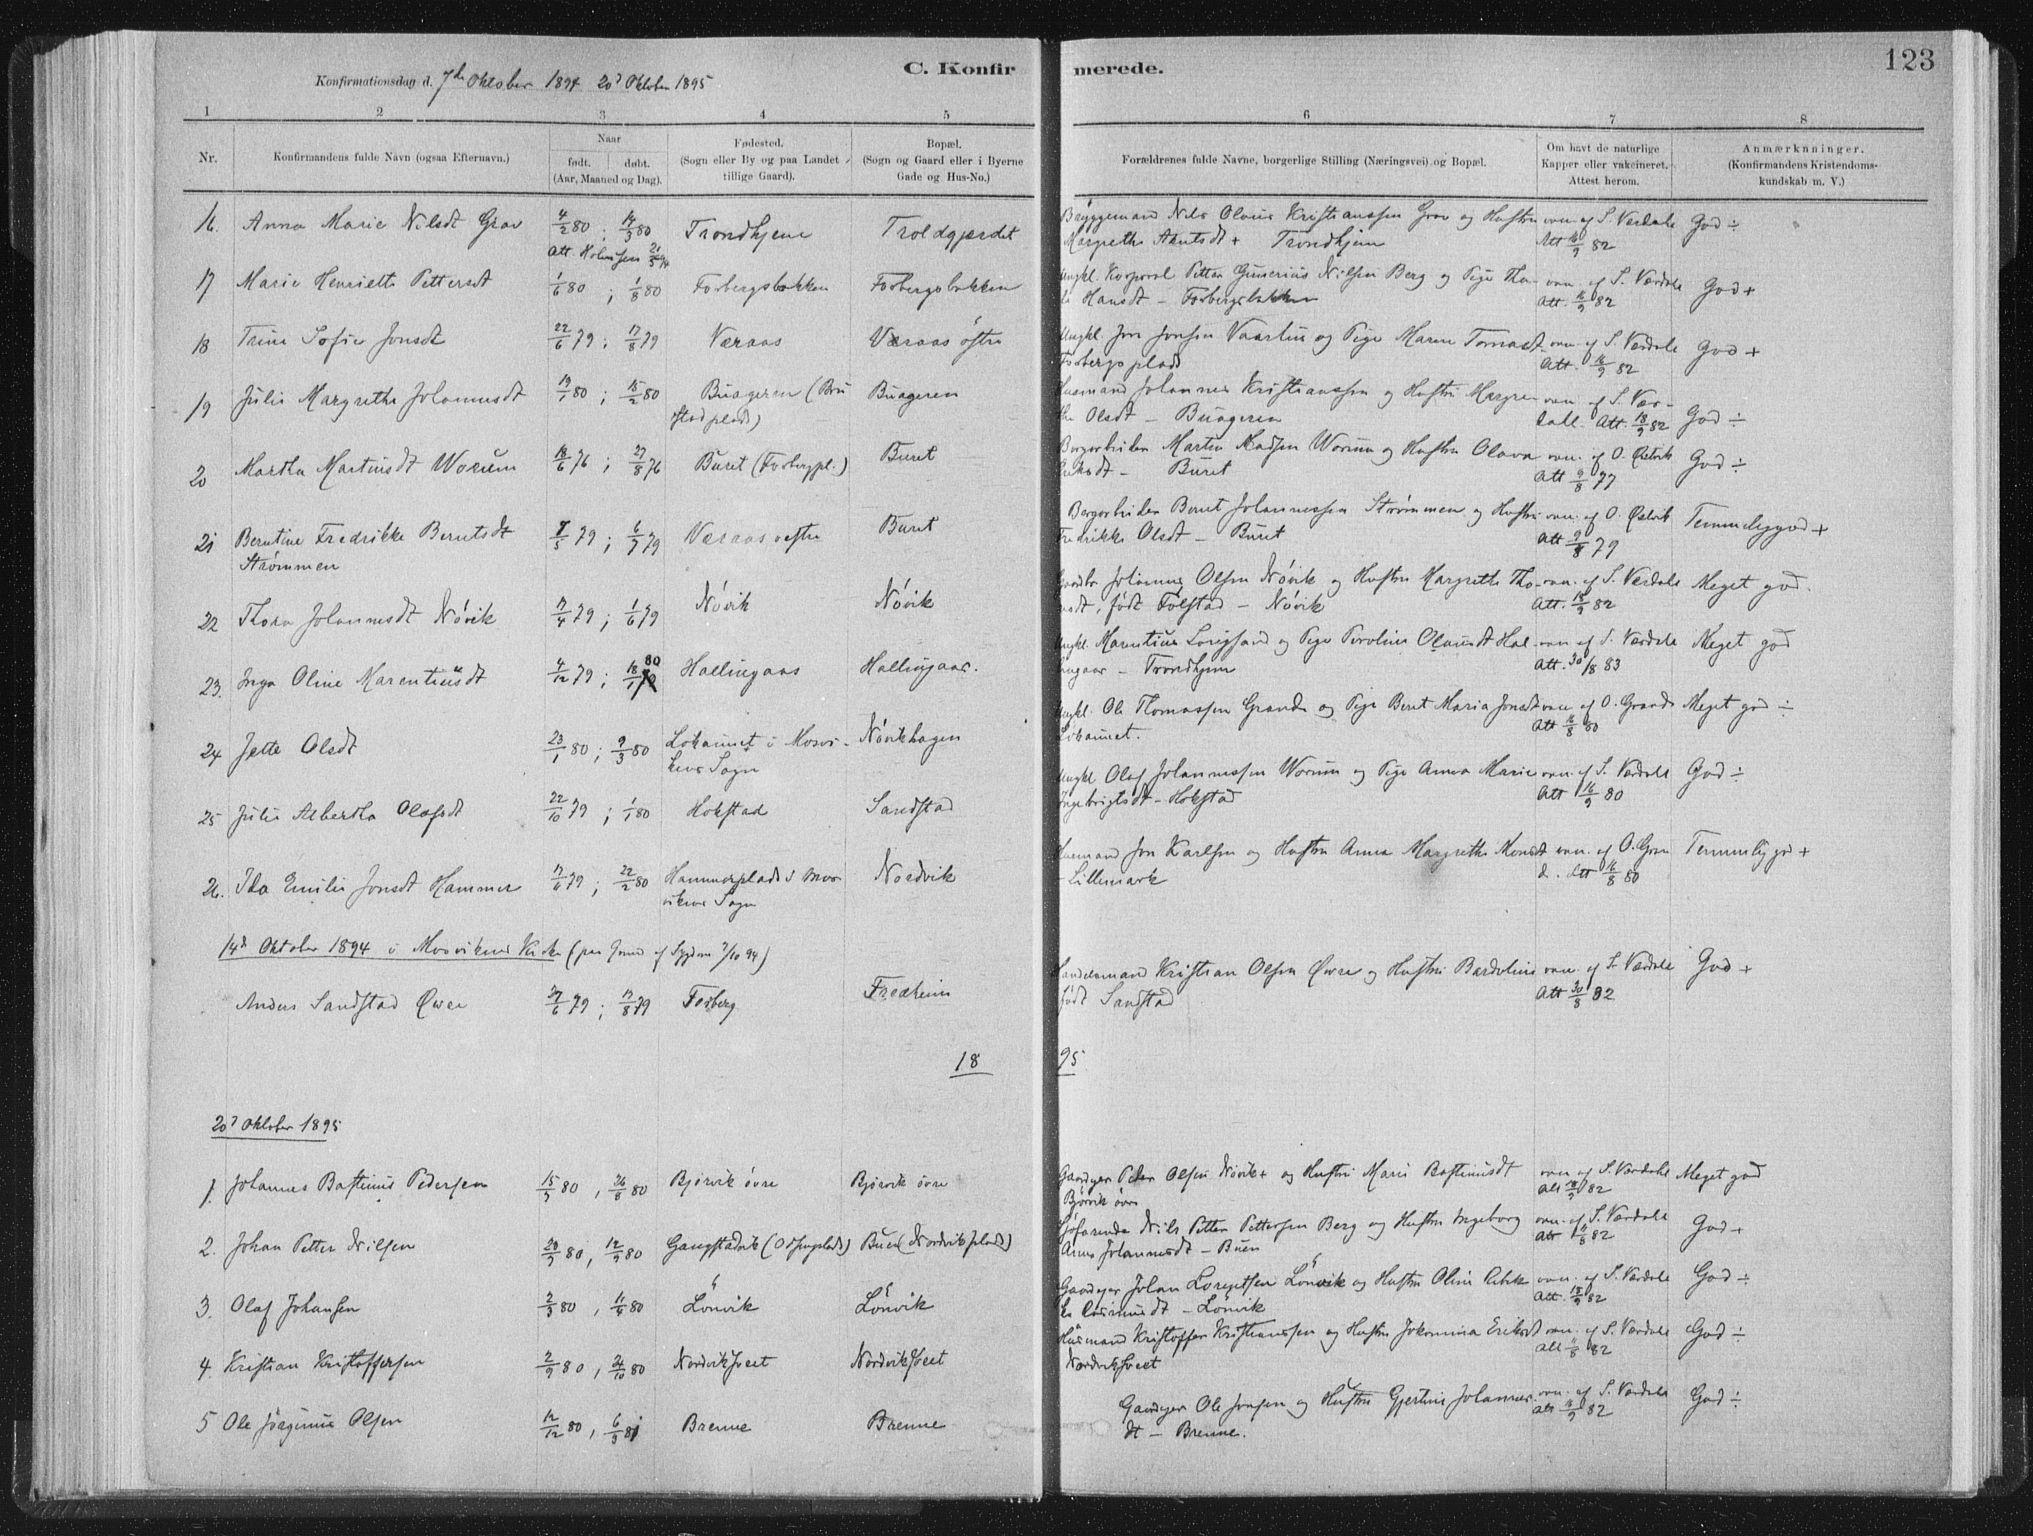 SAT, Ministerialprotokoller, klokkerbøker og fødselsregistre - Nord-Trøndelag, 722/L0220: Ministerialbok nr. 722A07, 1881-1908, s. 123